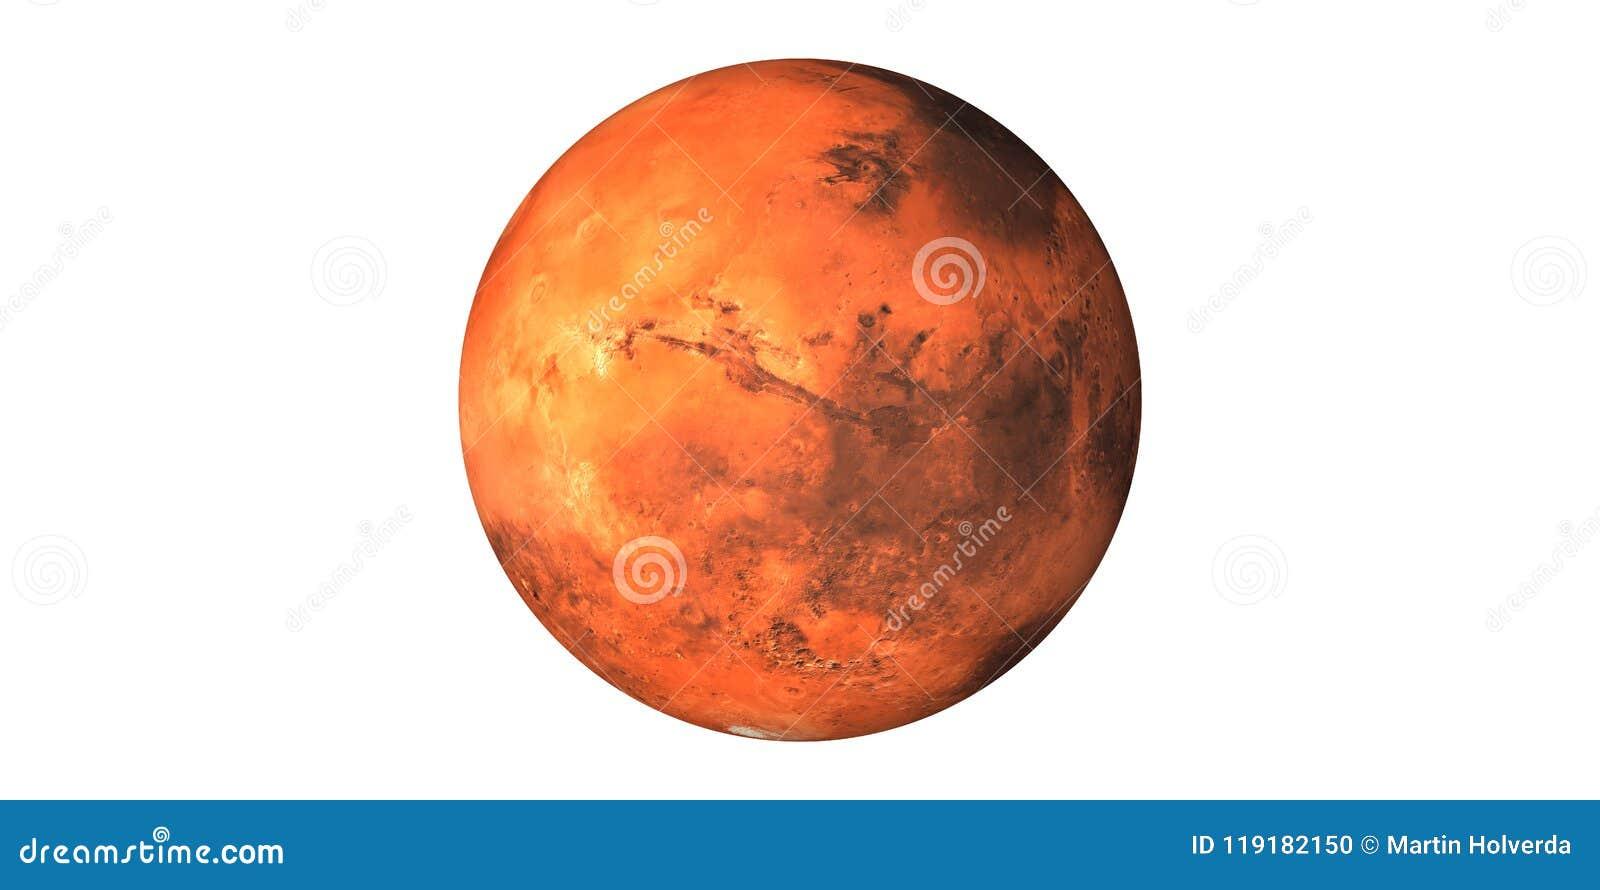 Άρης ο κόκκινος πλανήτης που βλέπει από το διάστημα